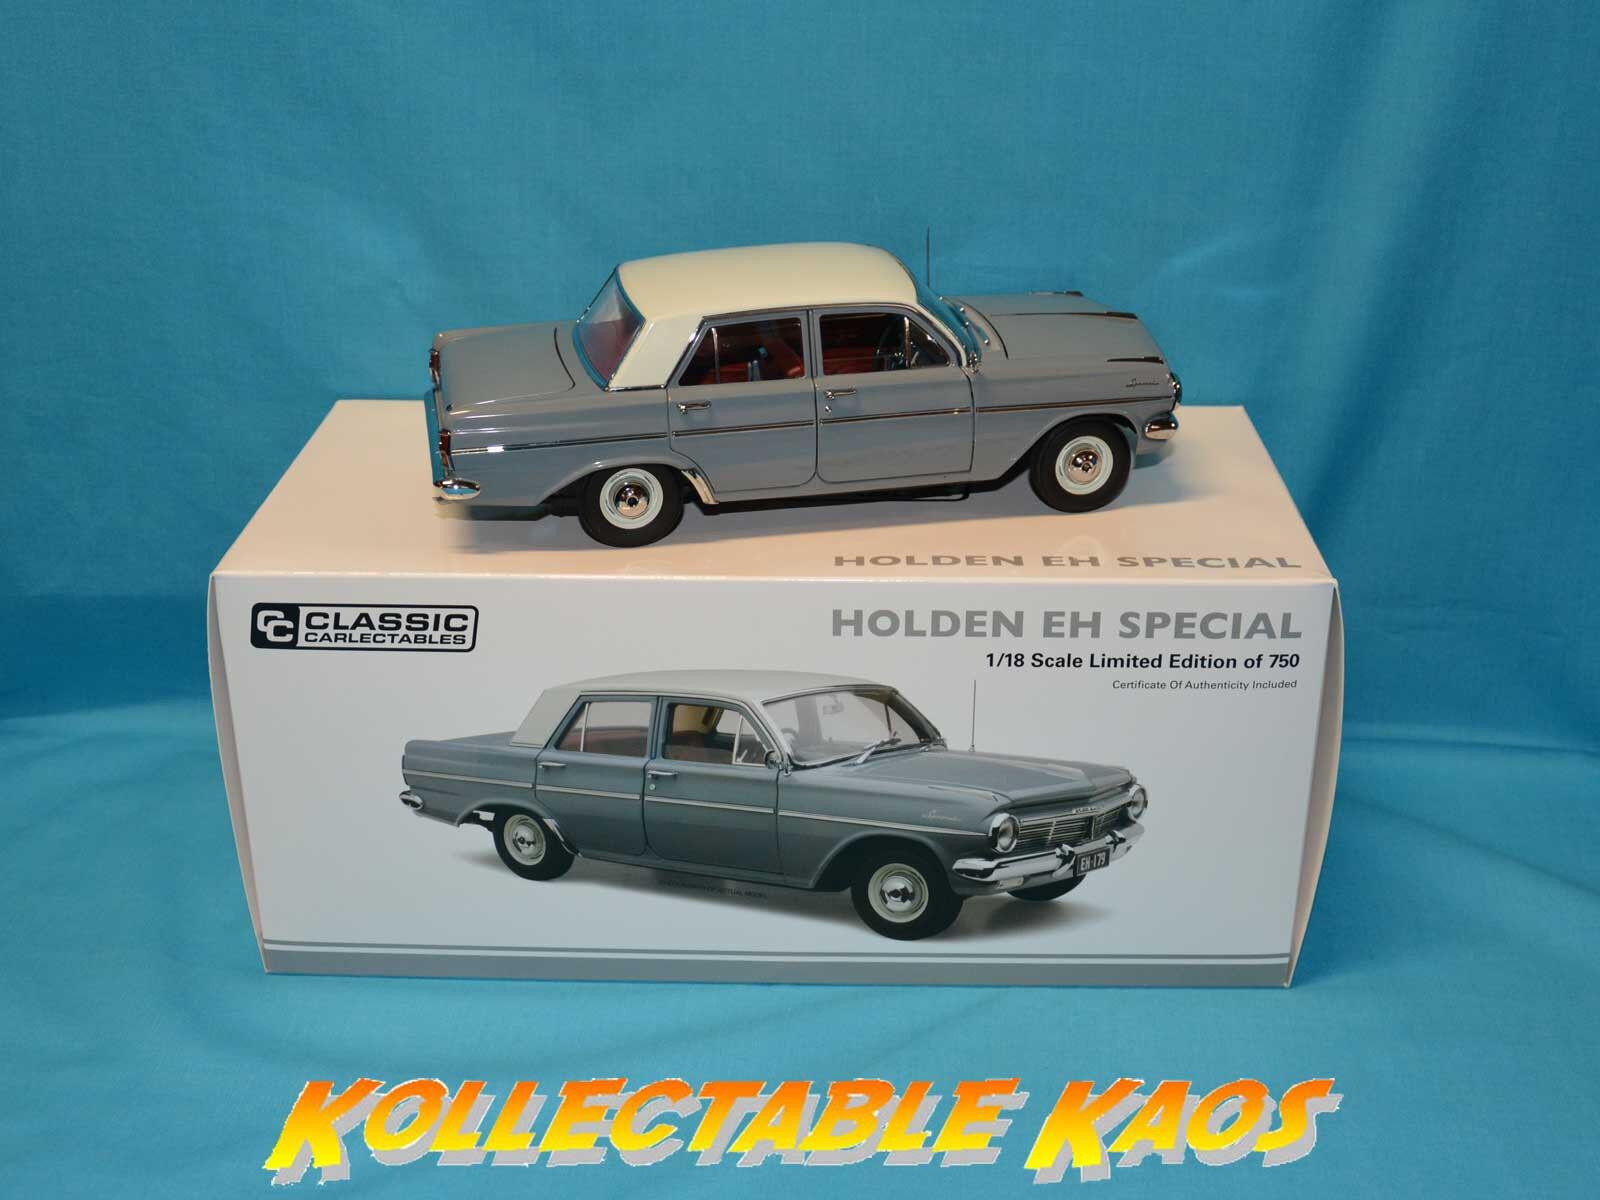 1 18 Classics - Holden EH Special - Gundagai gris  184105  750 MADE